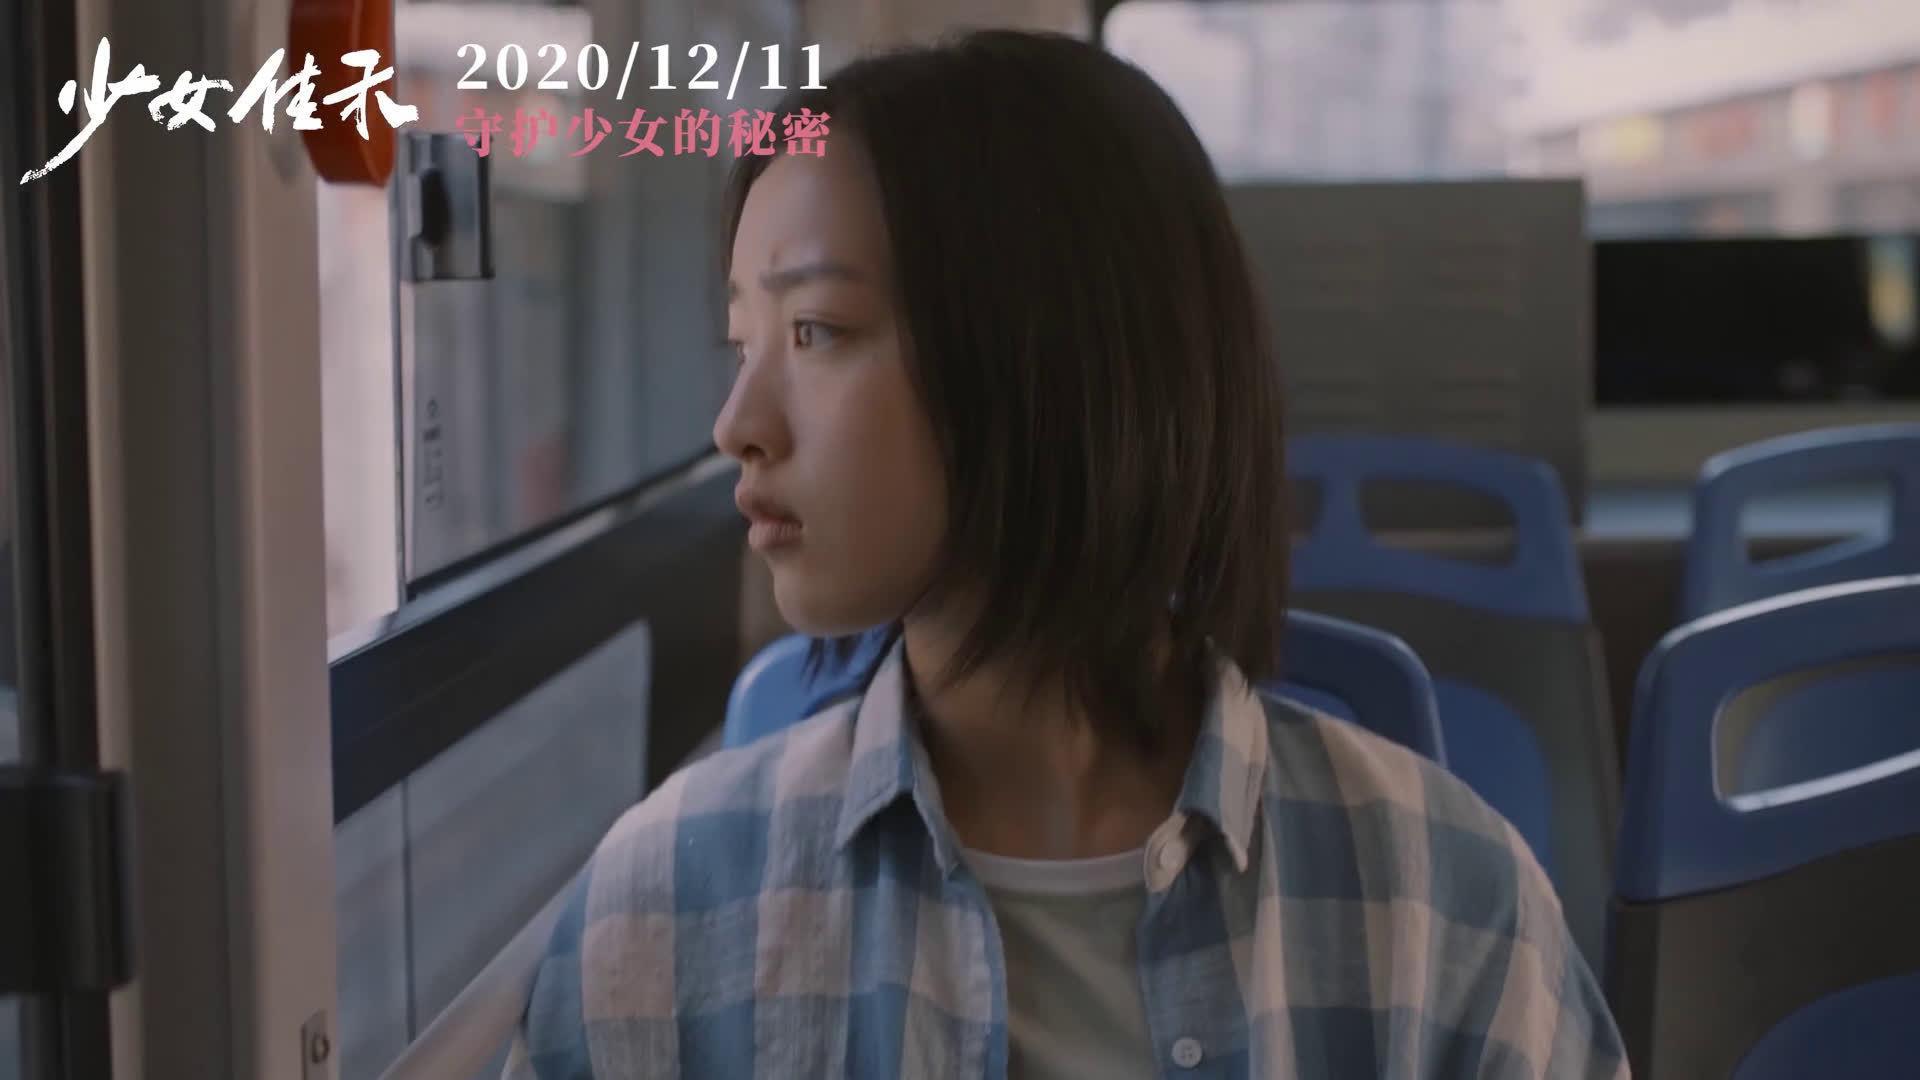 邓恩熙主演的青春犯罪题材电影《少女佳禾》定档12月11日上映……